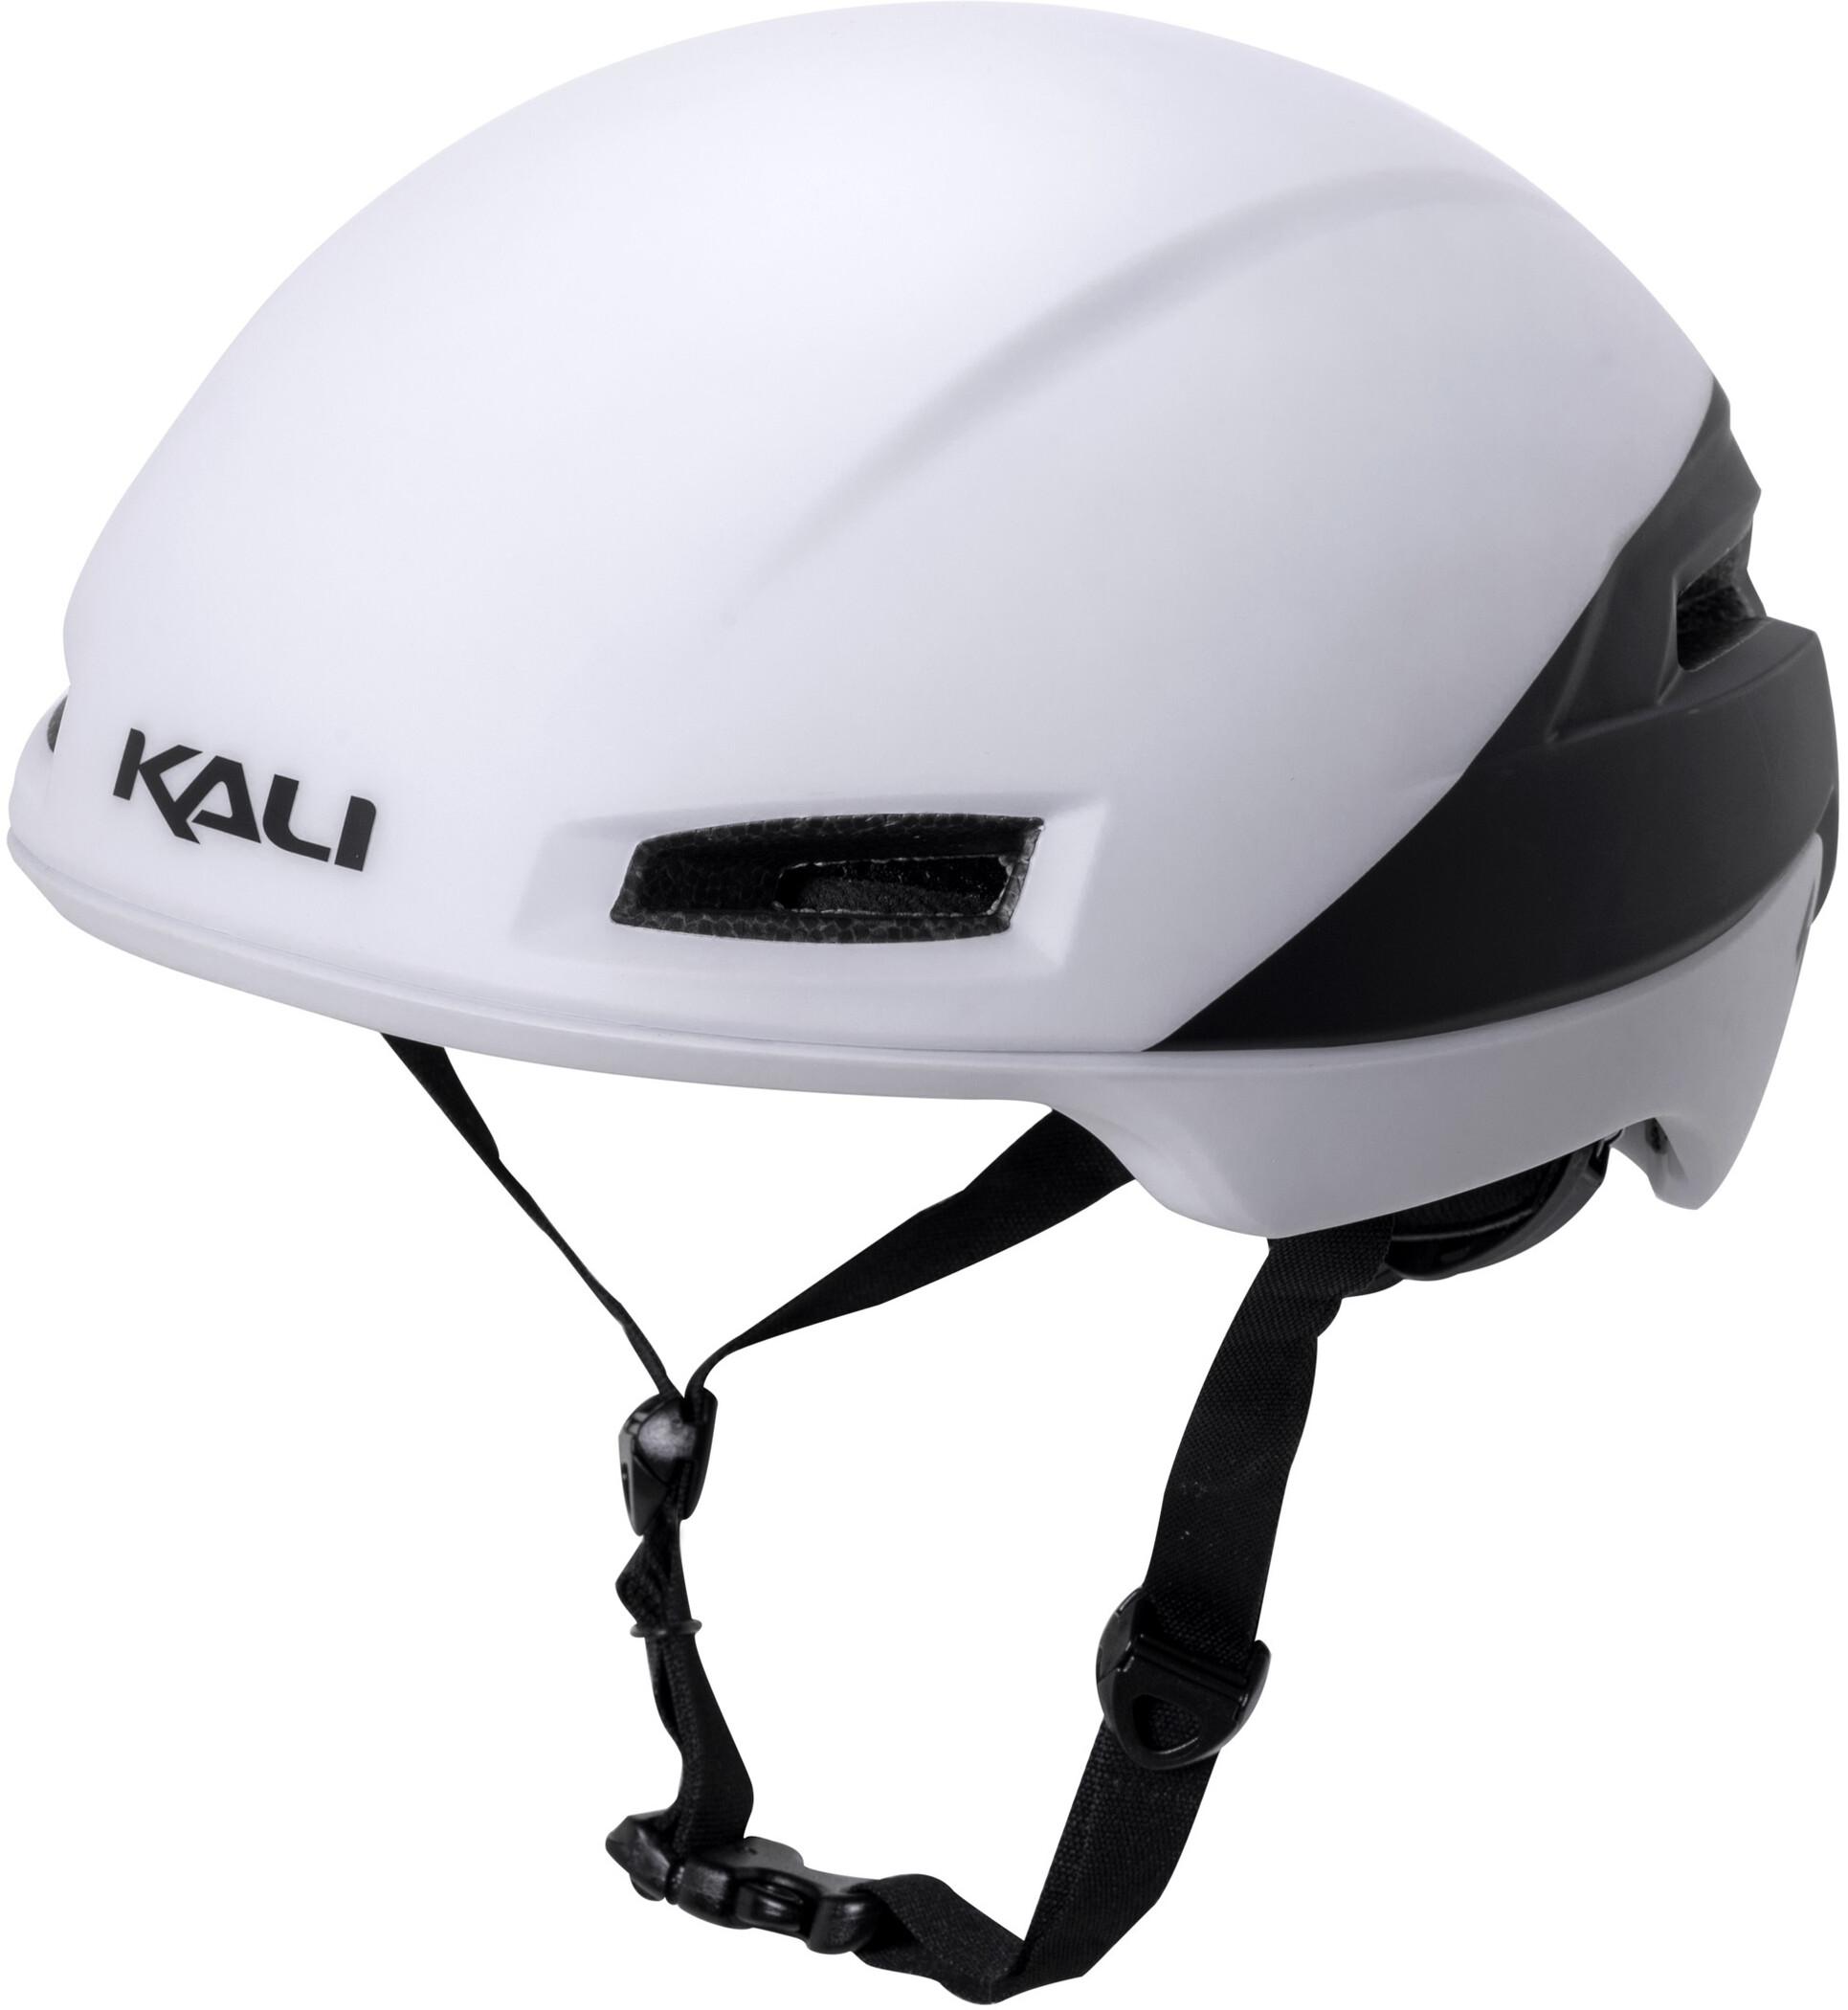 Kali Tava Cykelhjelm Herrer, matte white/black (2019) | Hjelme